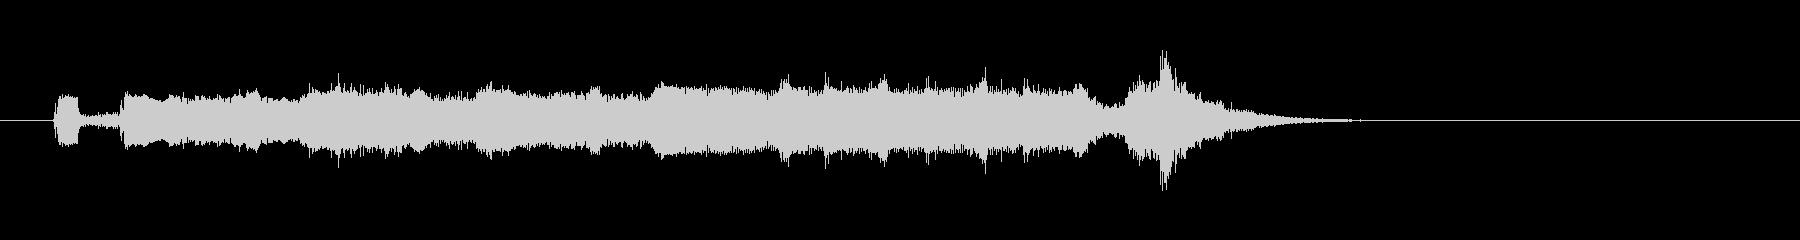 テーマ20:フルミックス、ヒットに配慮の未再生の波形